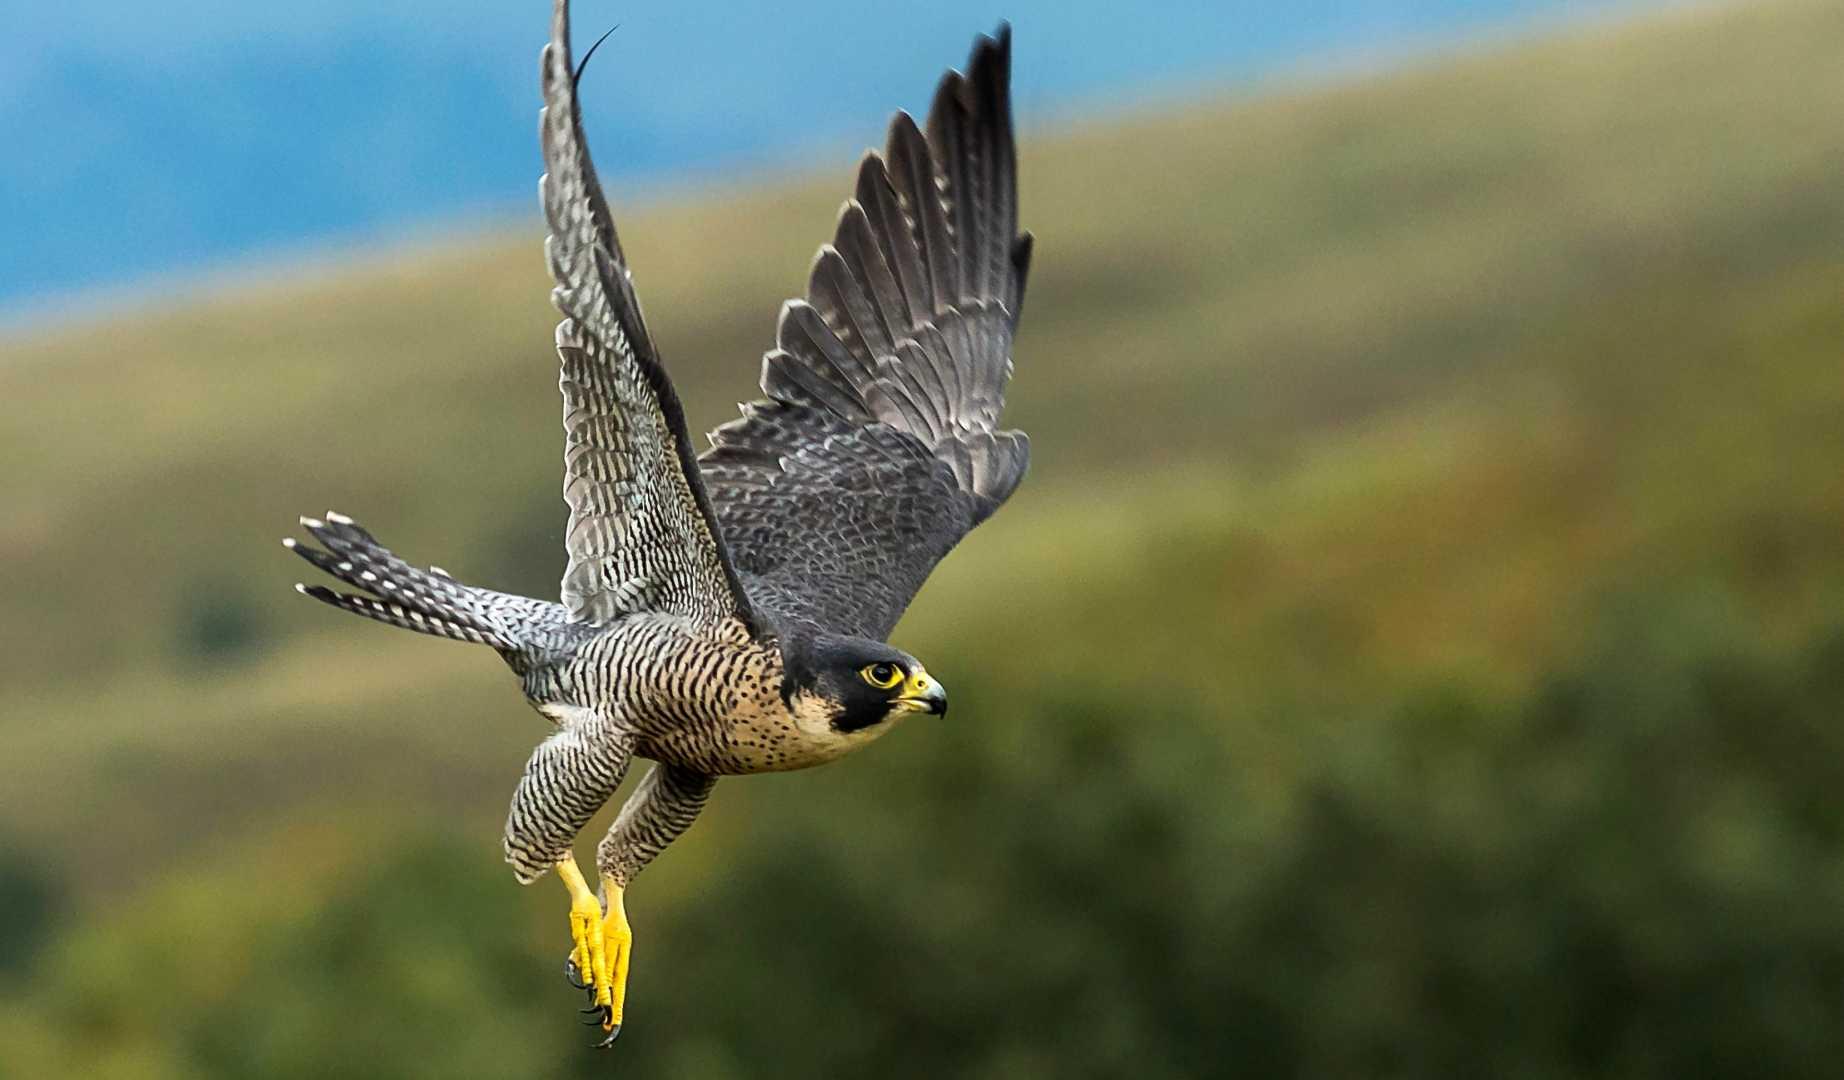 Chim ưng Peregrine Falcon đạt vận tốc 300km/h